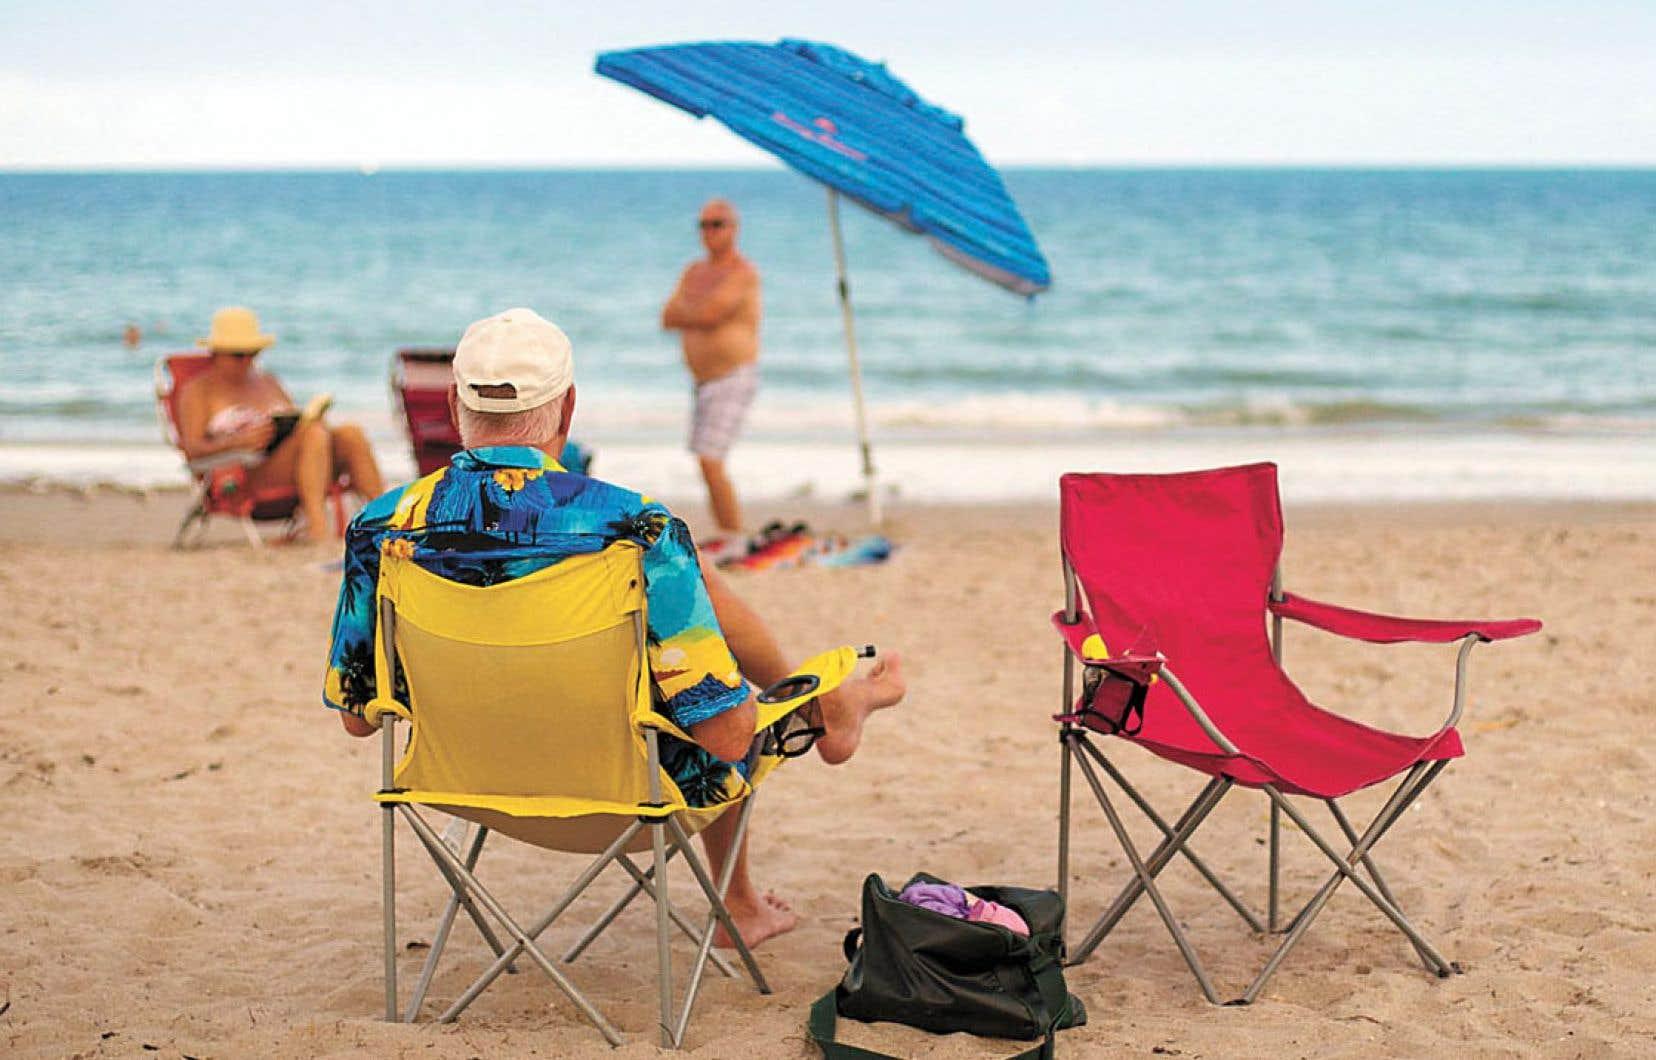 Le documentaire se déroule sous le soleil radieux de la Floride, et au milieu d'un décor kitsch.